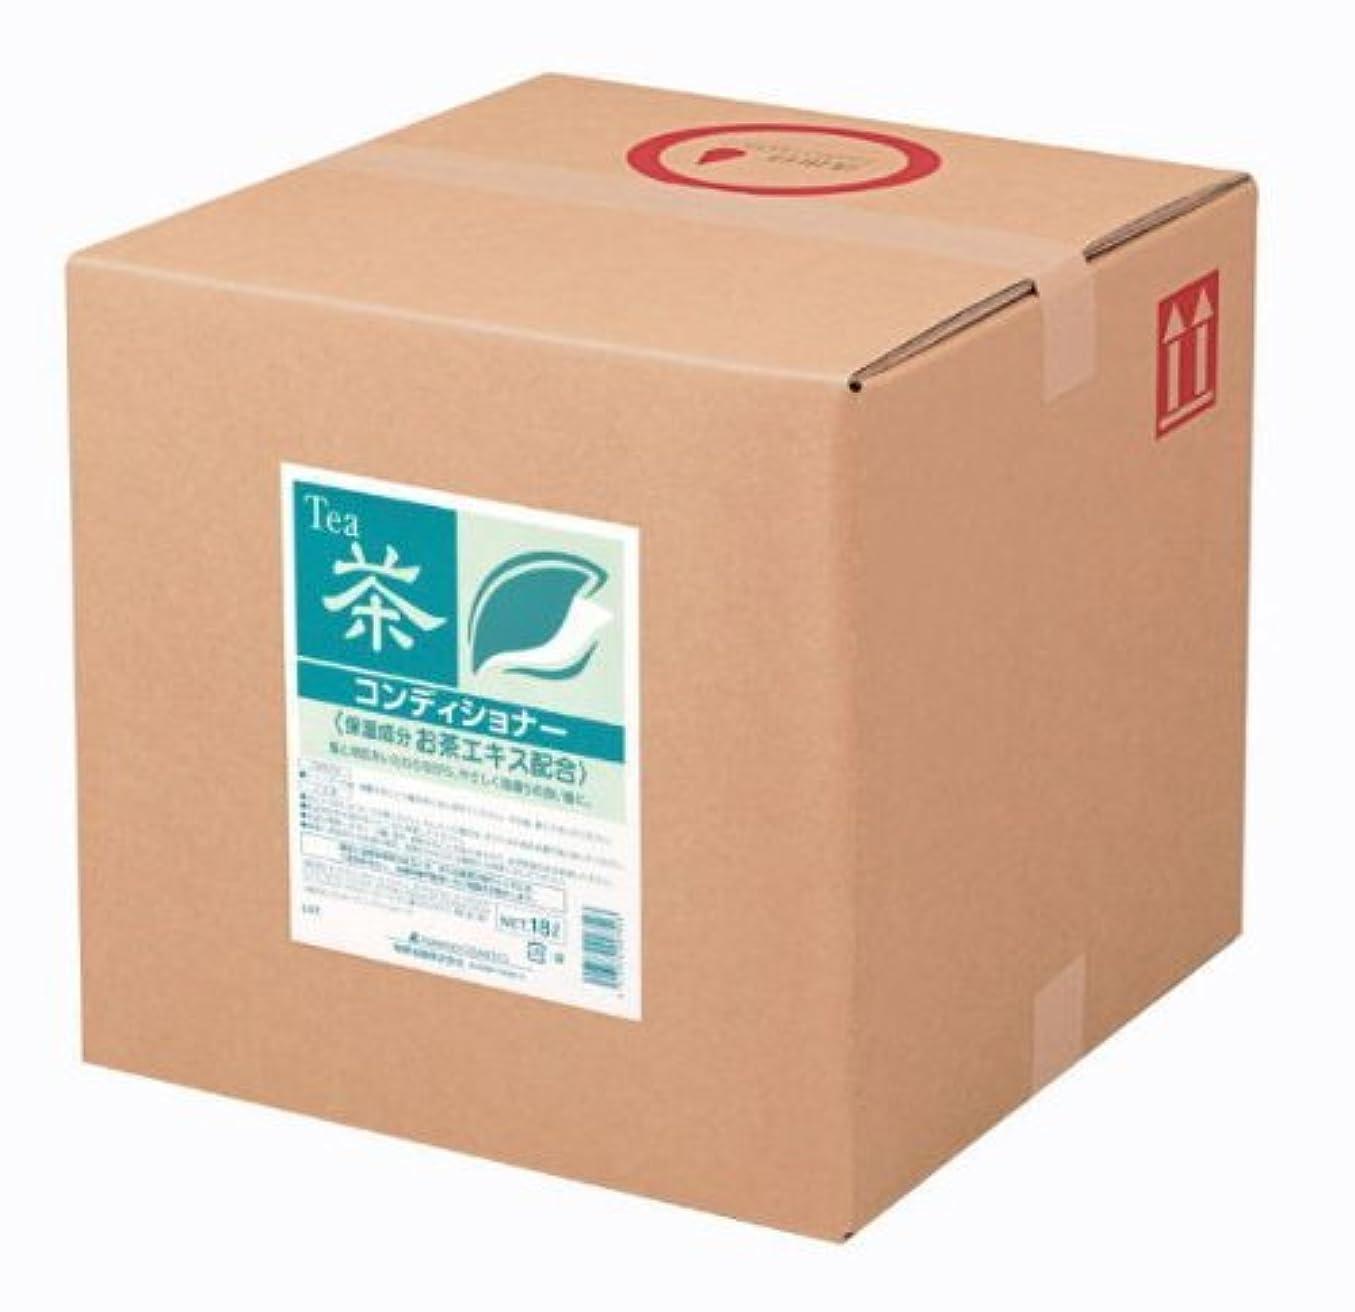 押す家ポップ熊野油脂 業務用 お茶 コンディショナー 18L